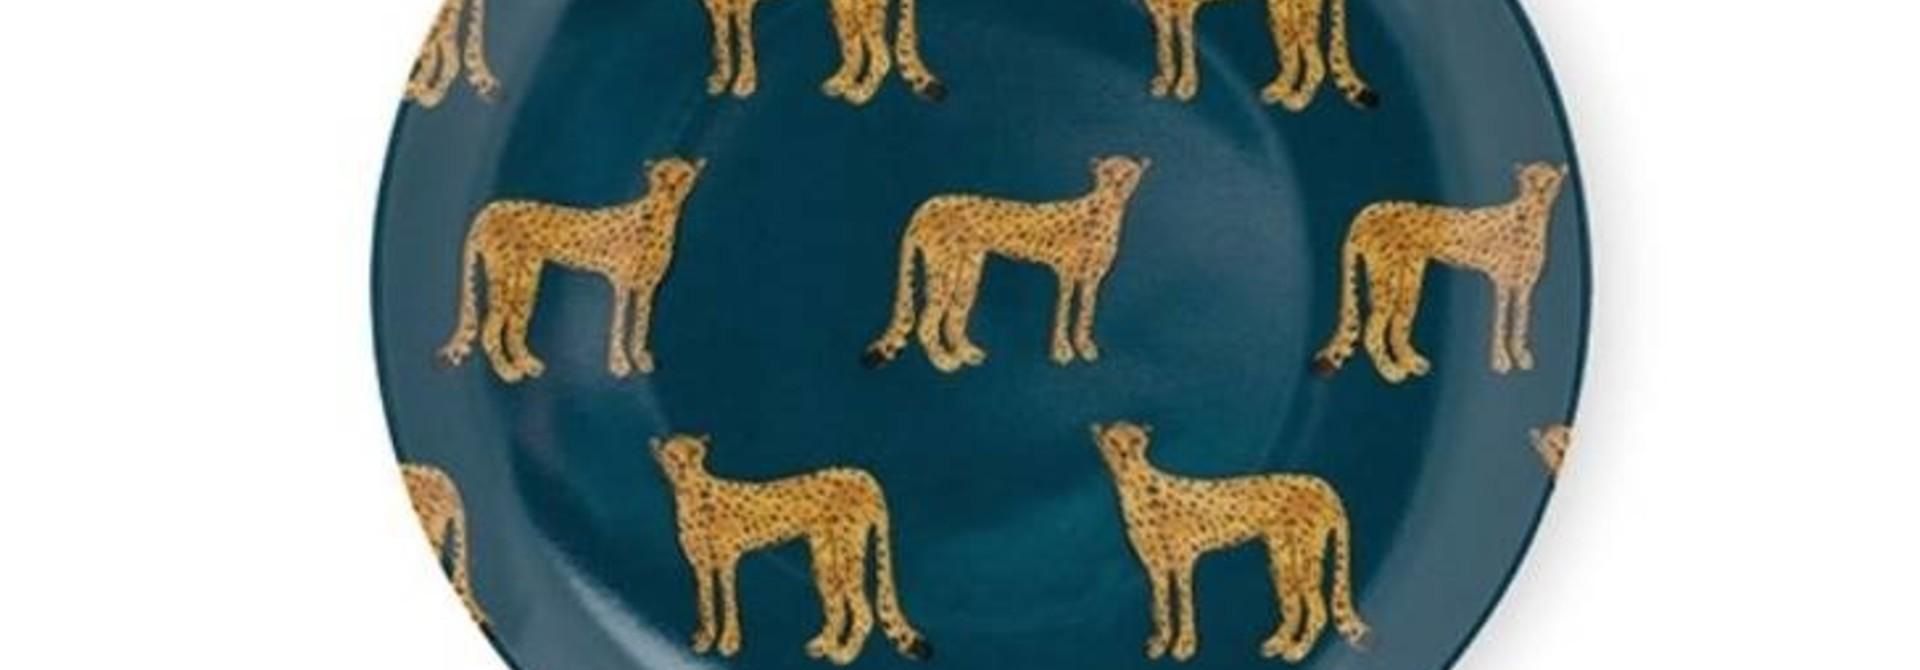 Fabienne Chapot Petit Four Cheetah